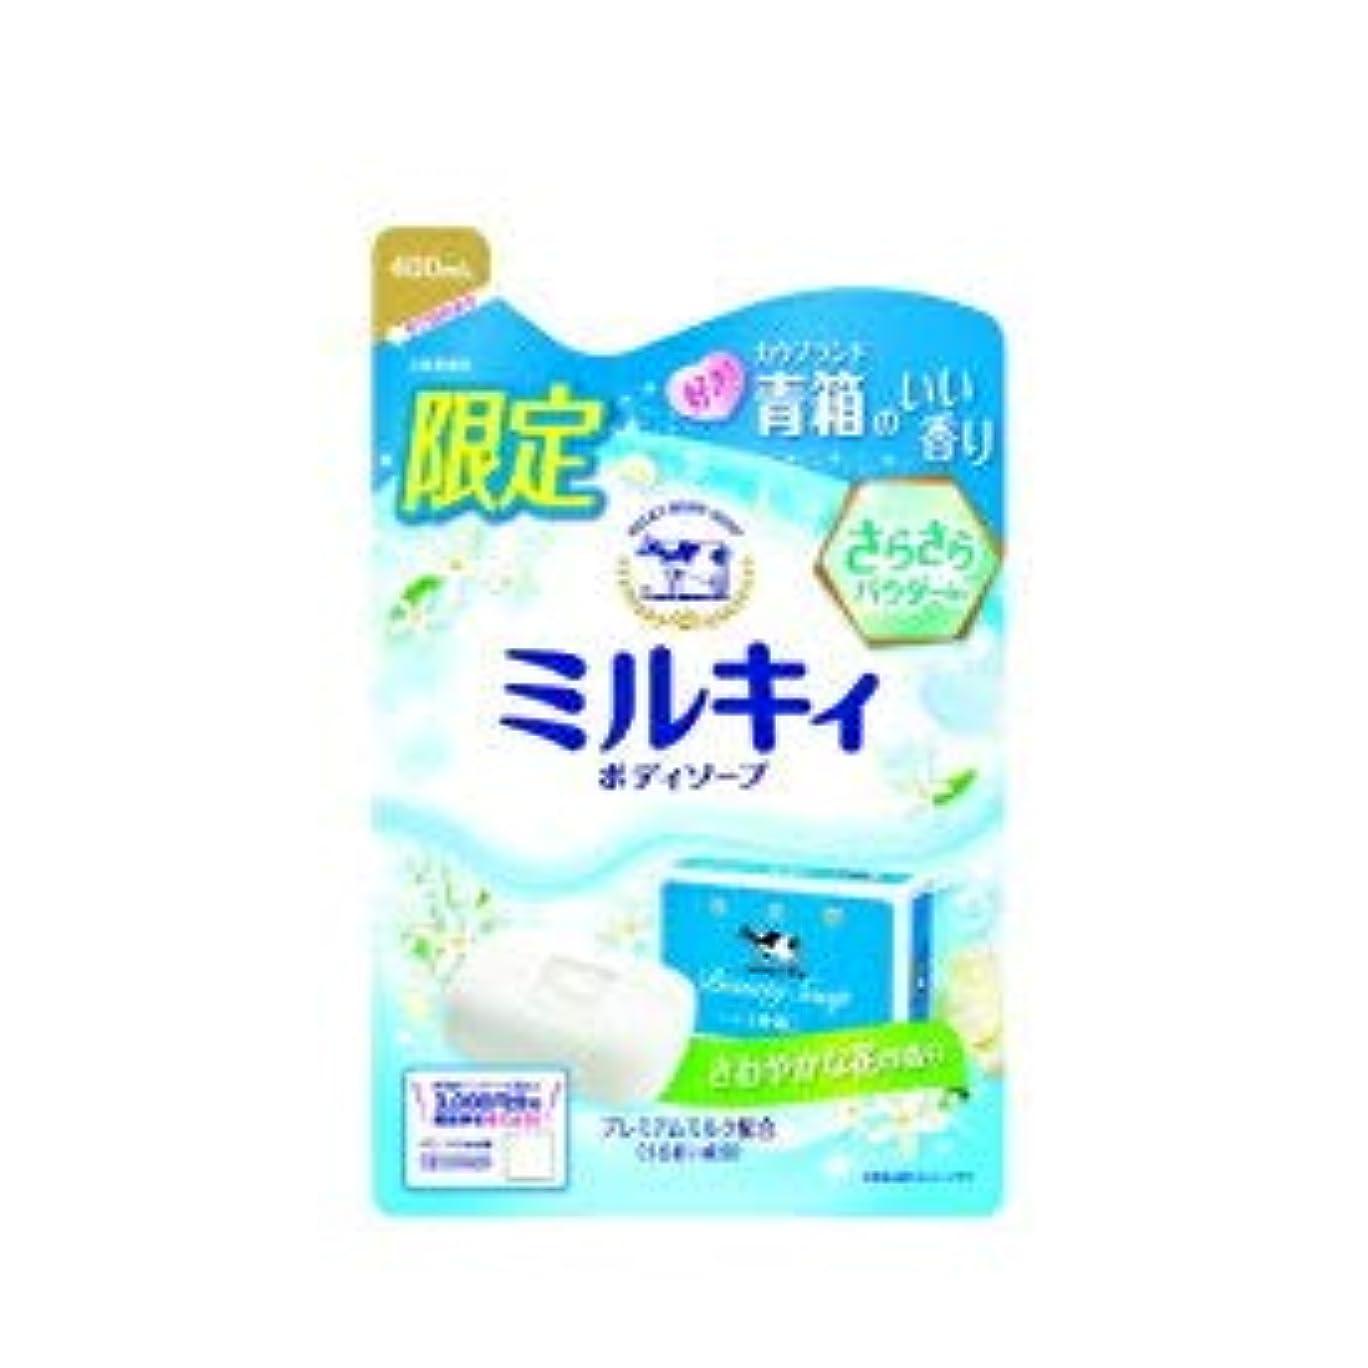 アーサー広大なパブ【限定】ミルキィボディソープ 青箱の香り 詰替 400ml